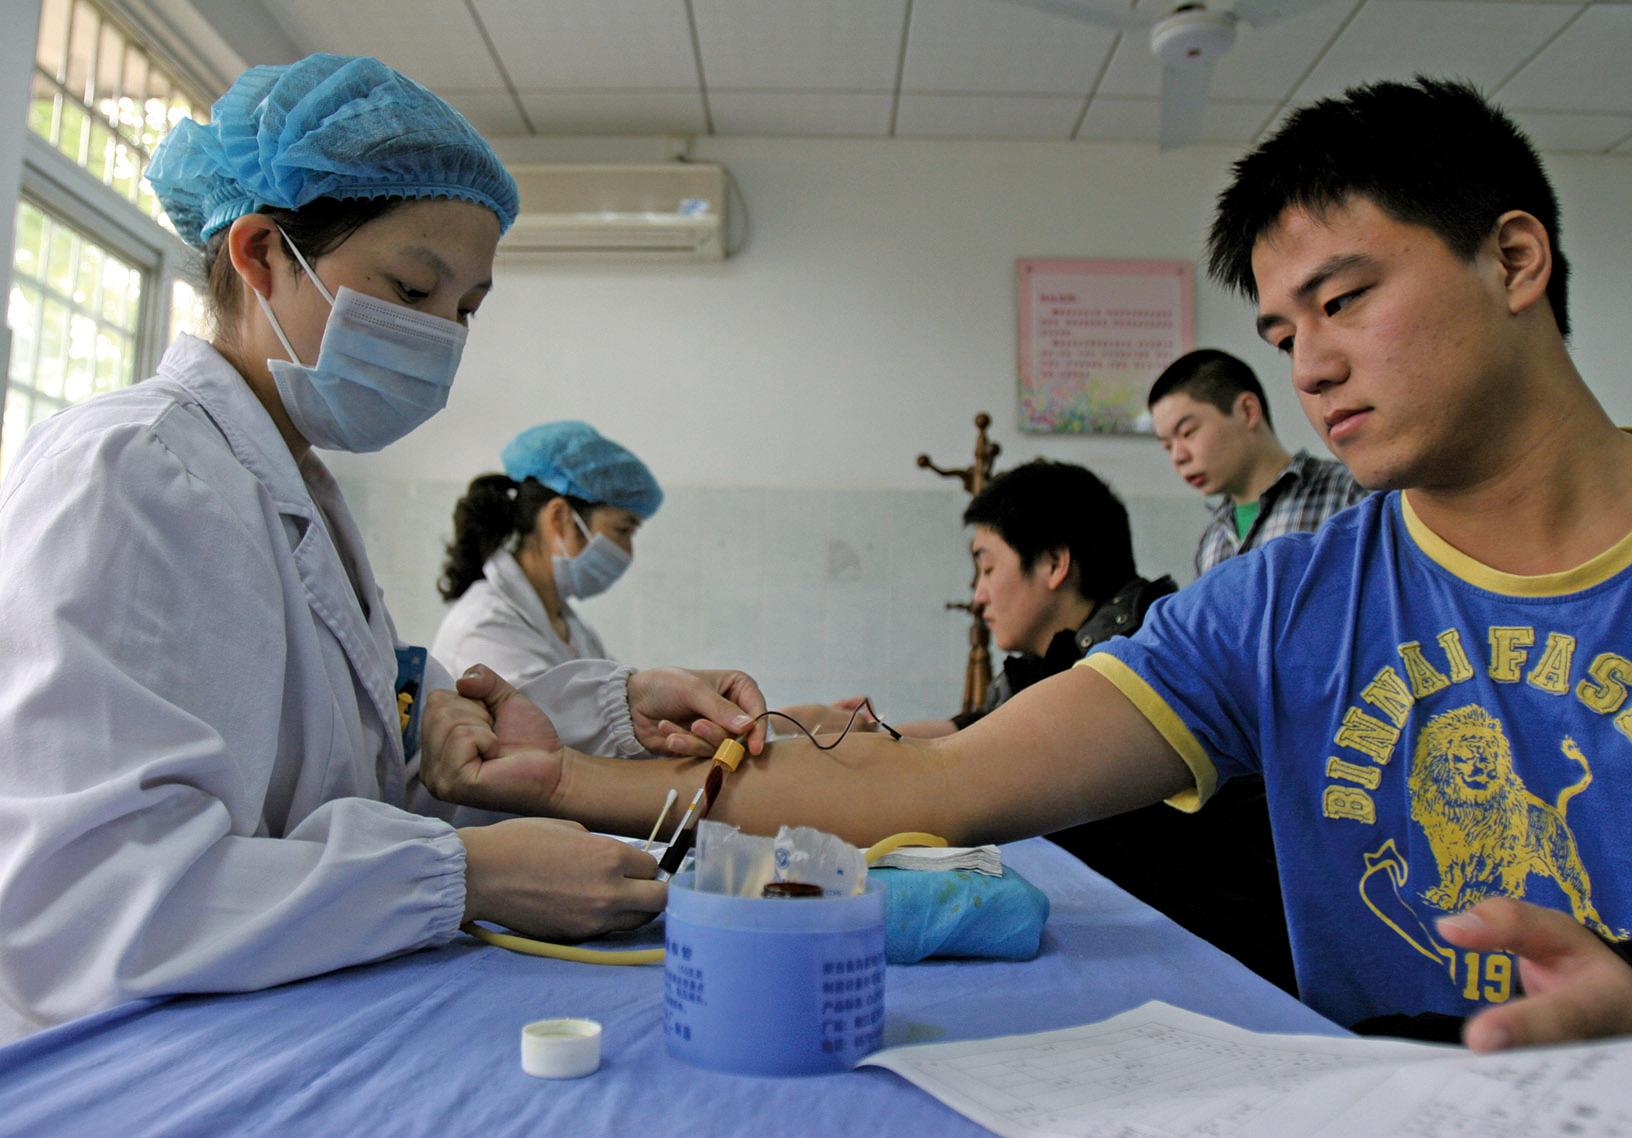 體檢爆醜聞:有護士假冒醫生看超聲,甚至有的抽了血,沒做檢查就扔掉血樣,直接出結果。圖為示意圖。(大紀元資料室)